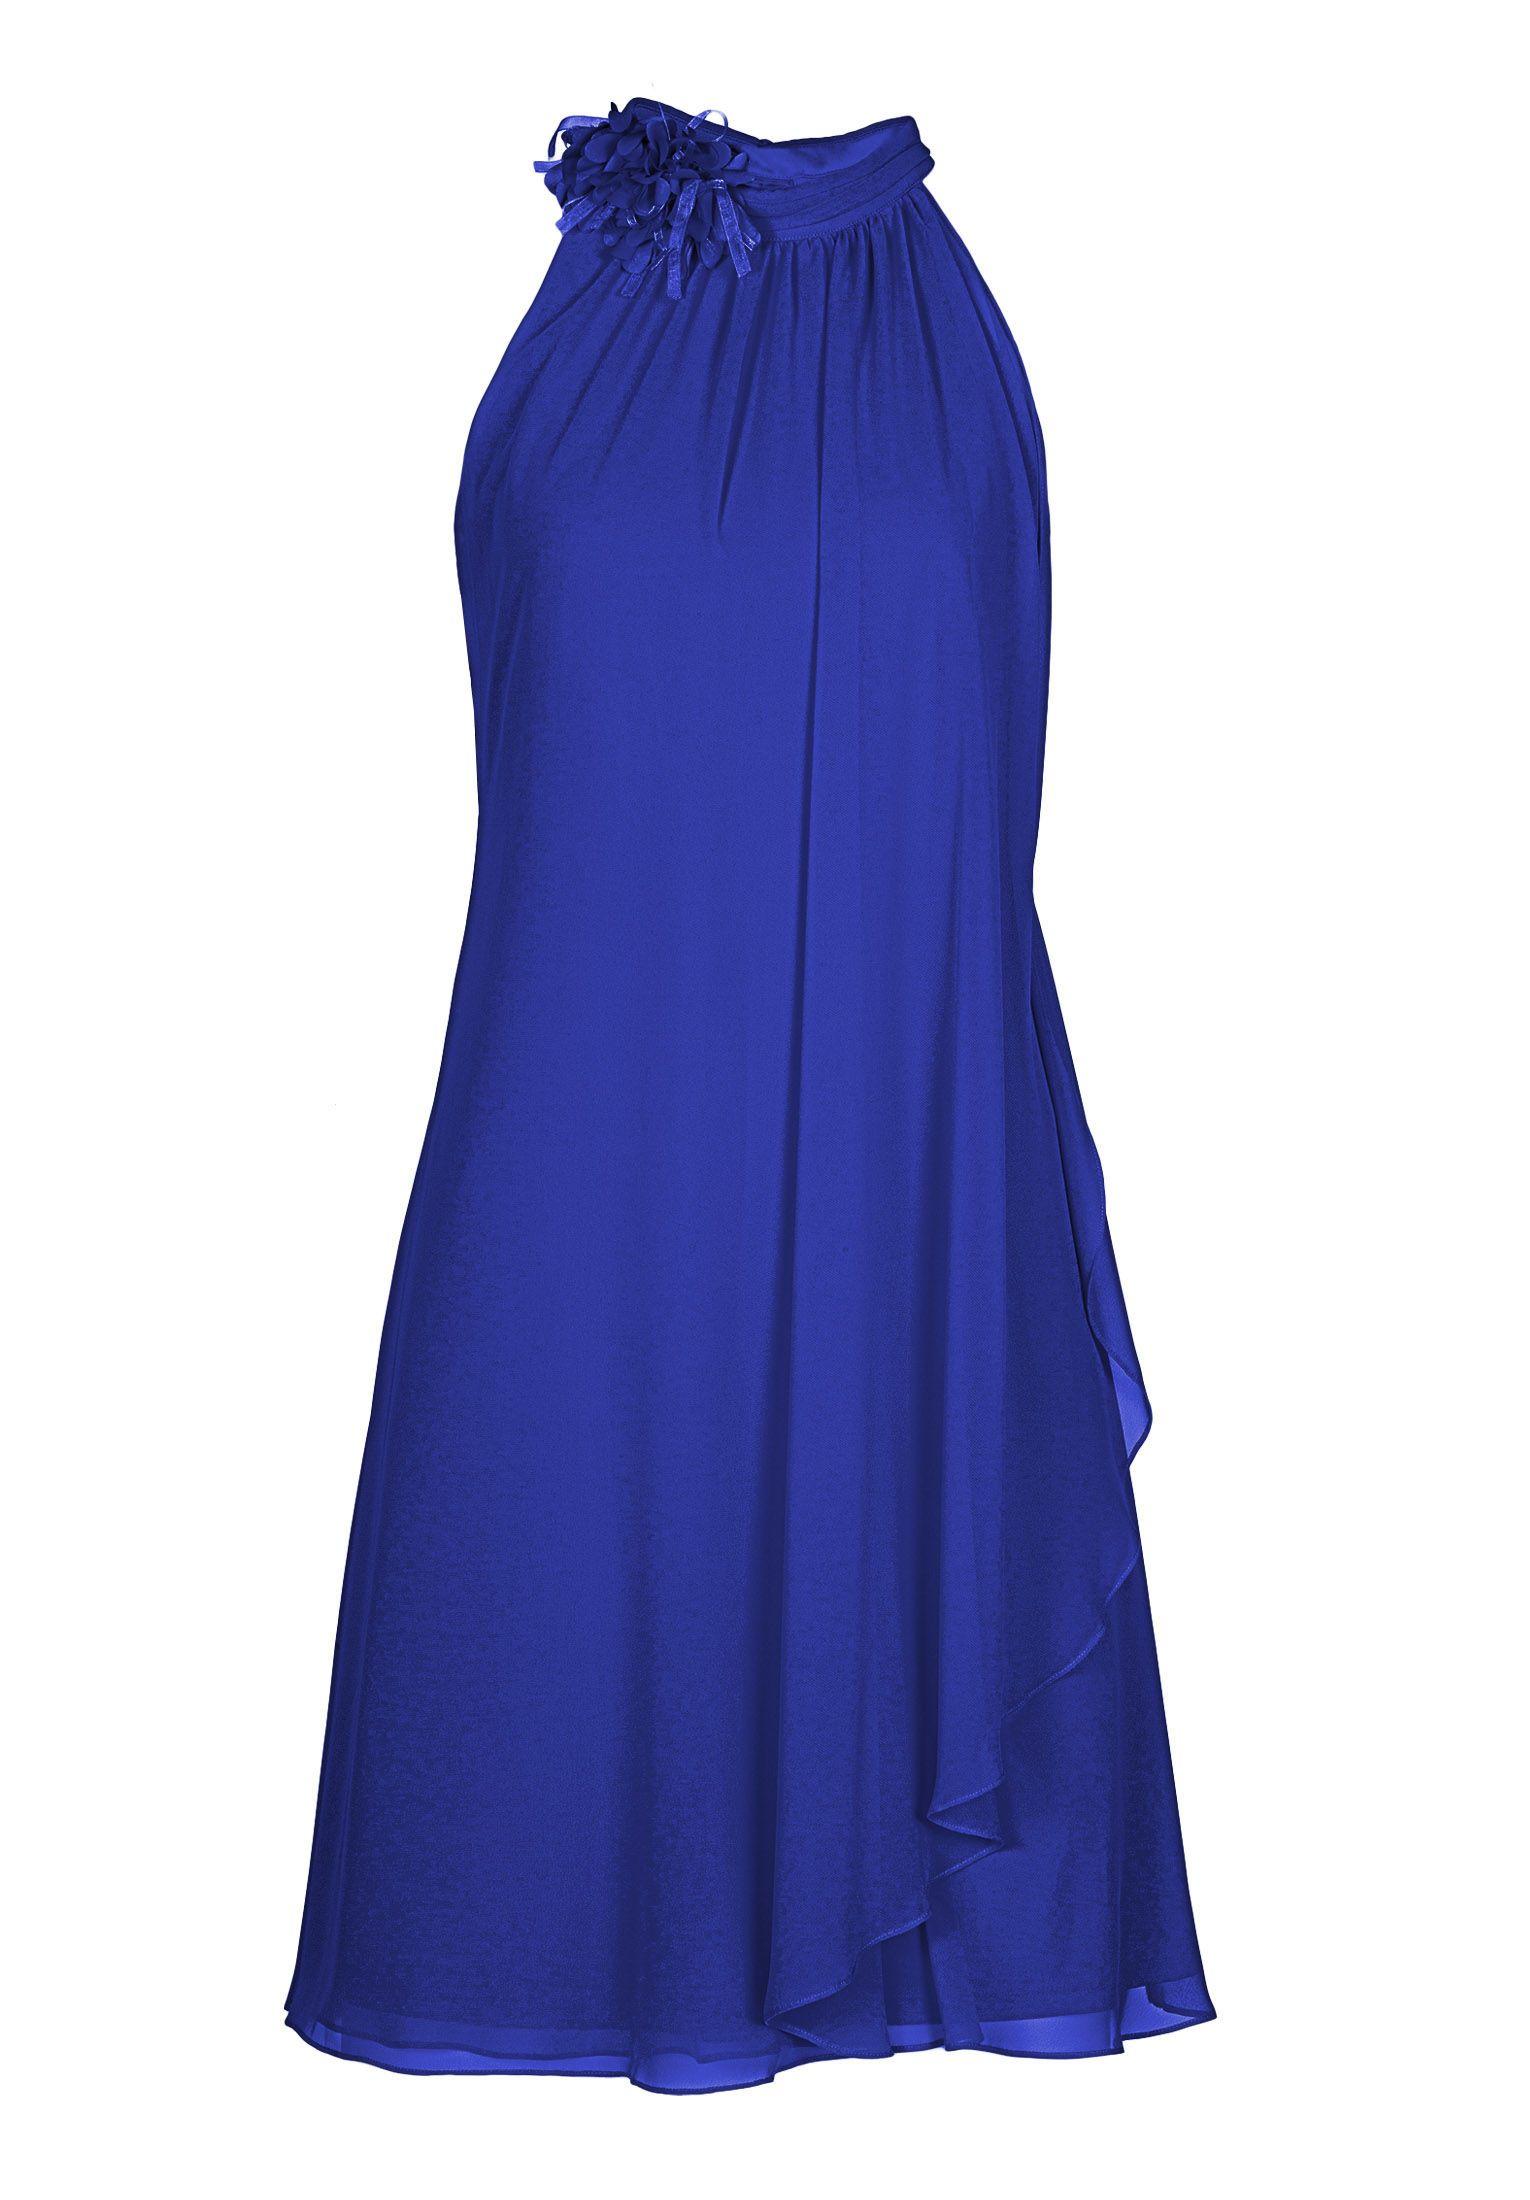 Kleid blau vera mont